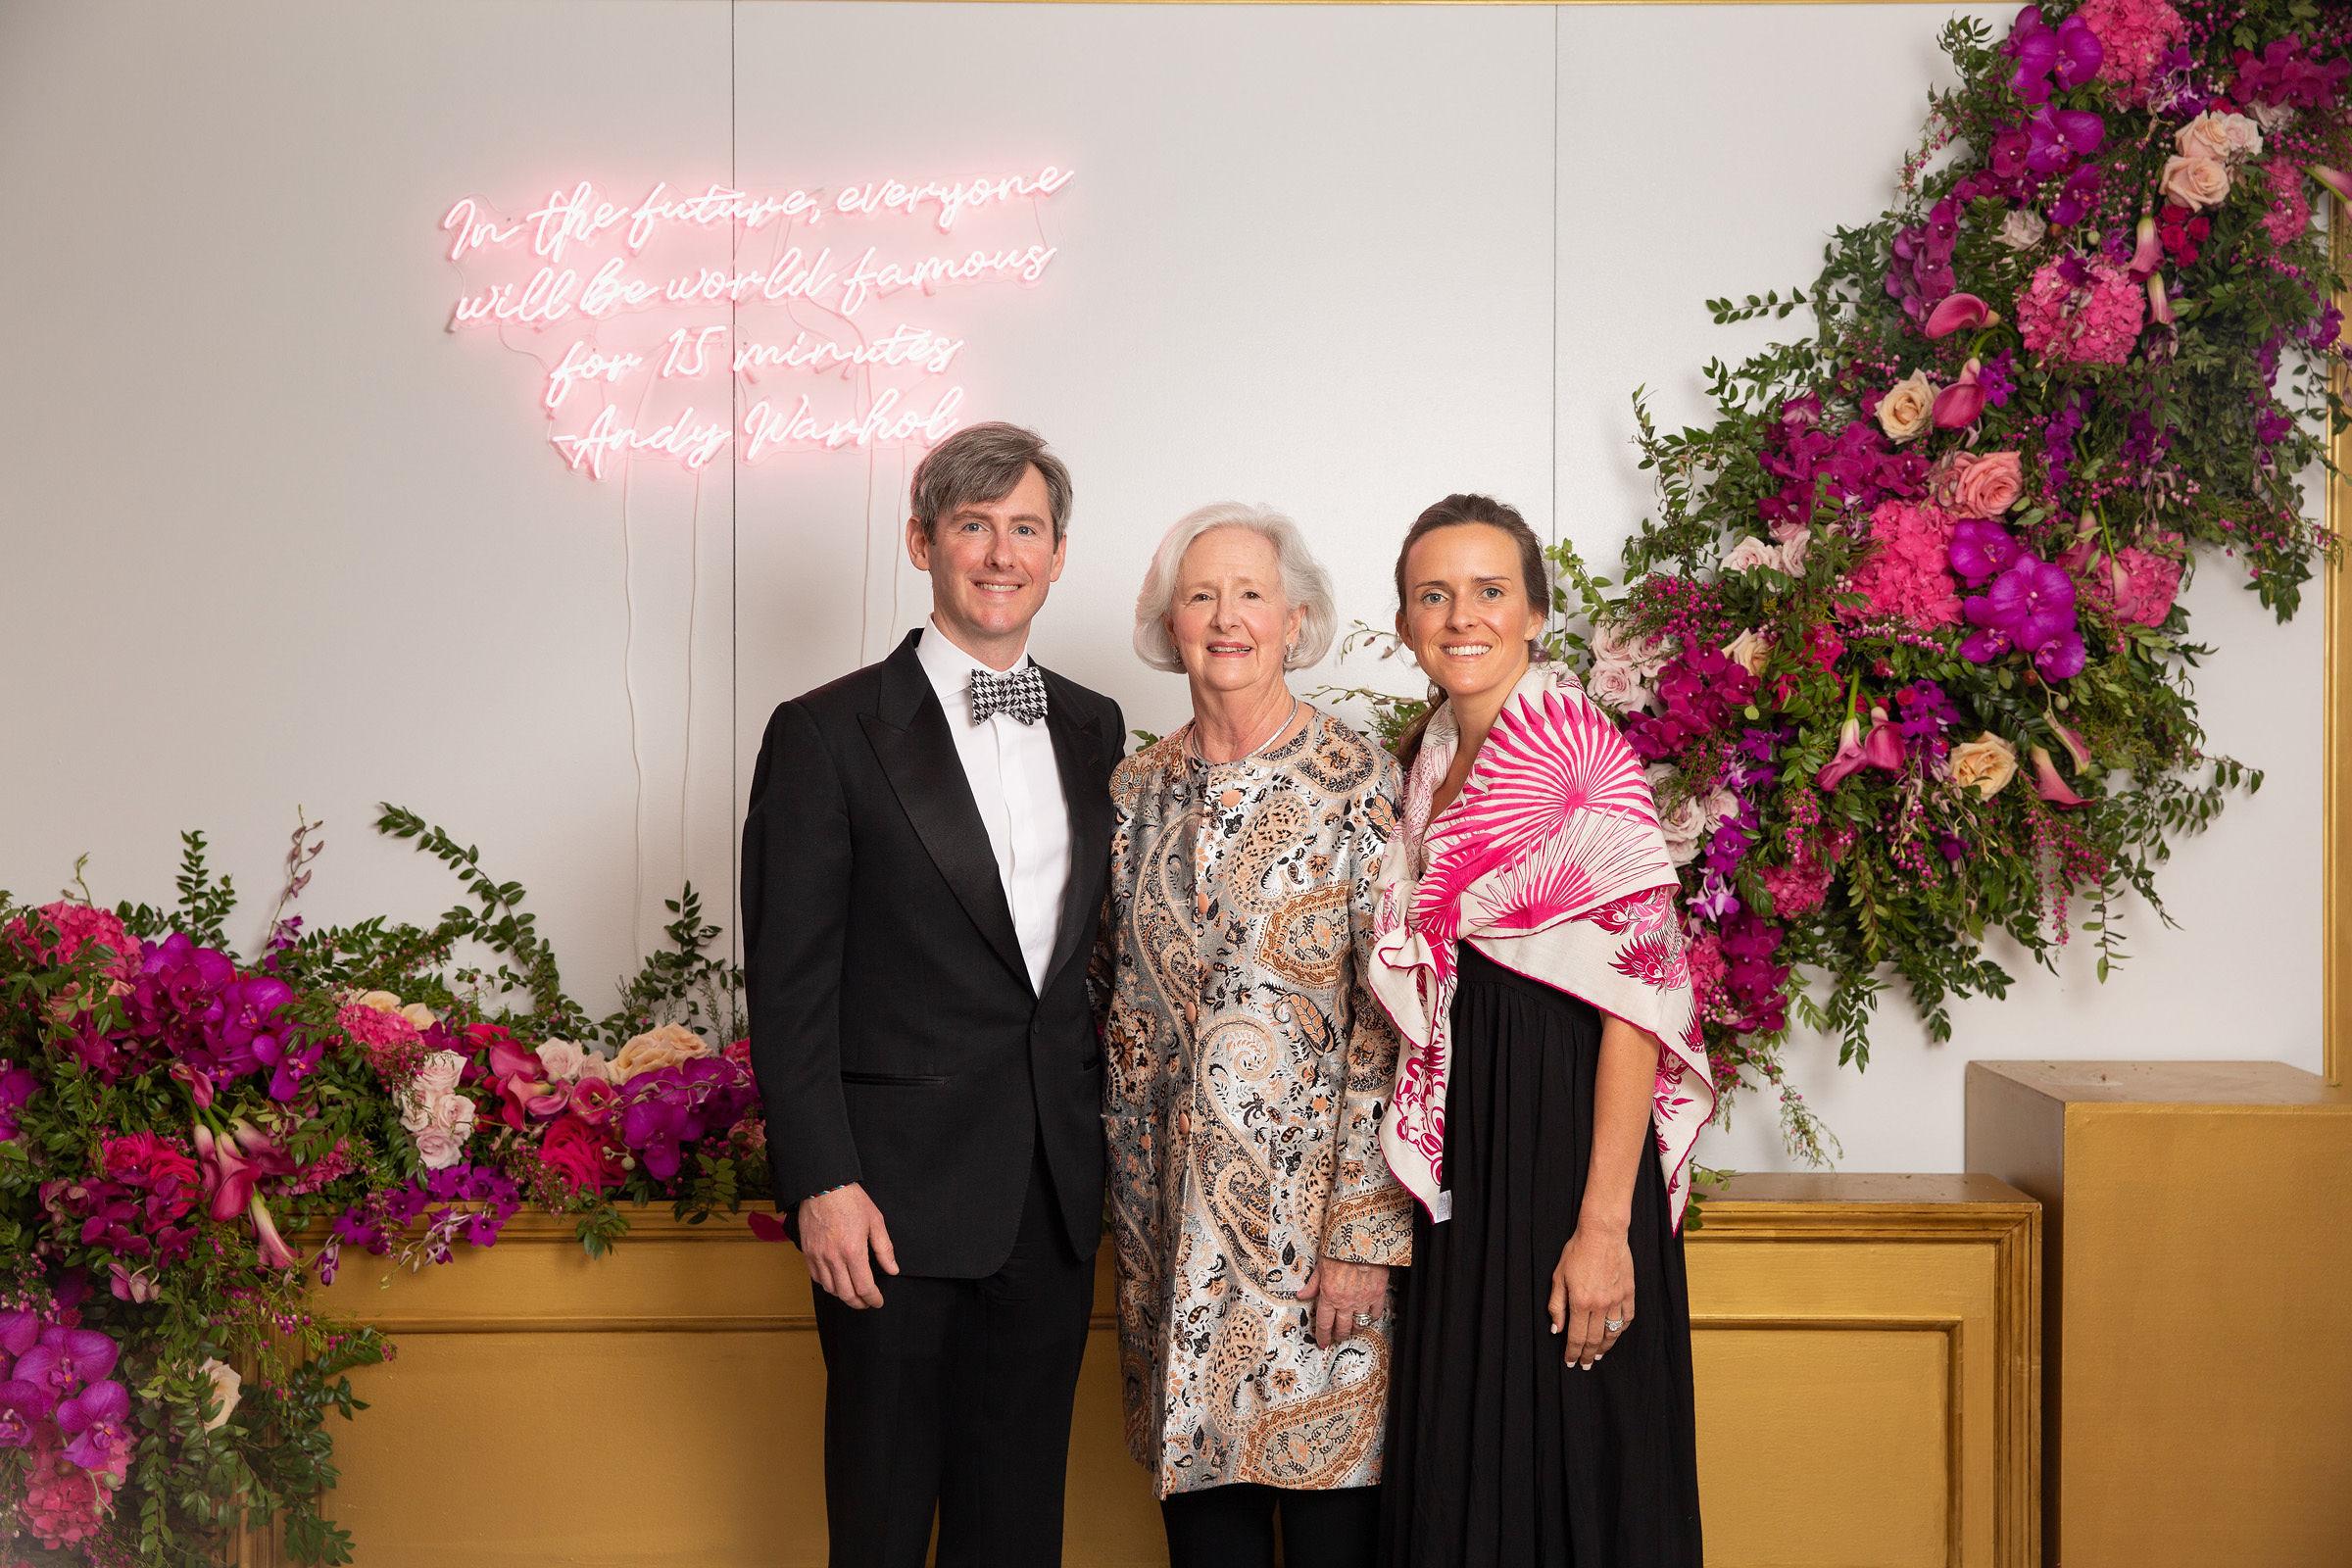 Peter Curtin, Susan Curtin, and Emma Curtin